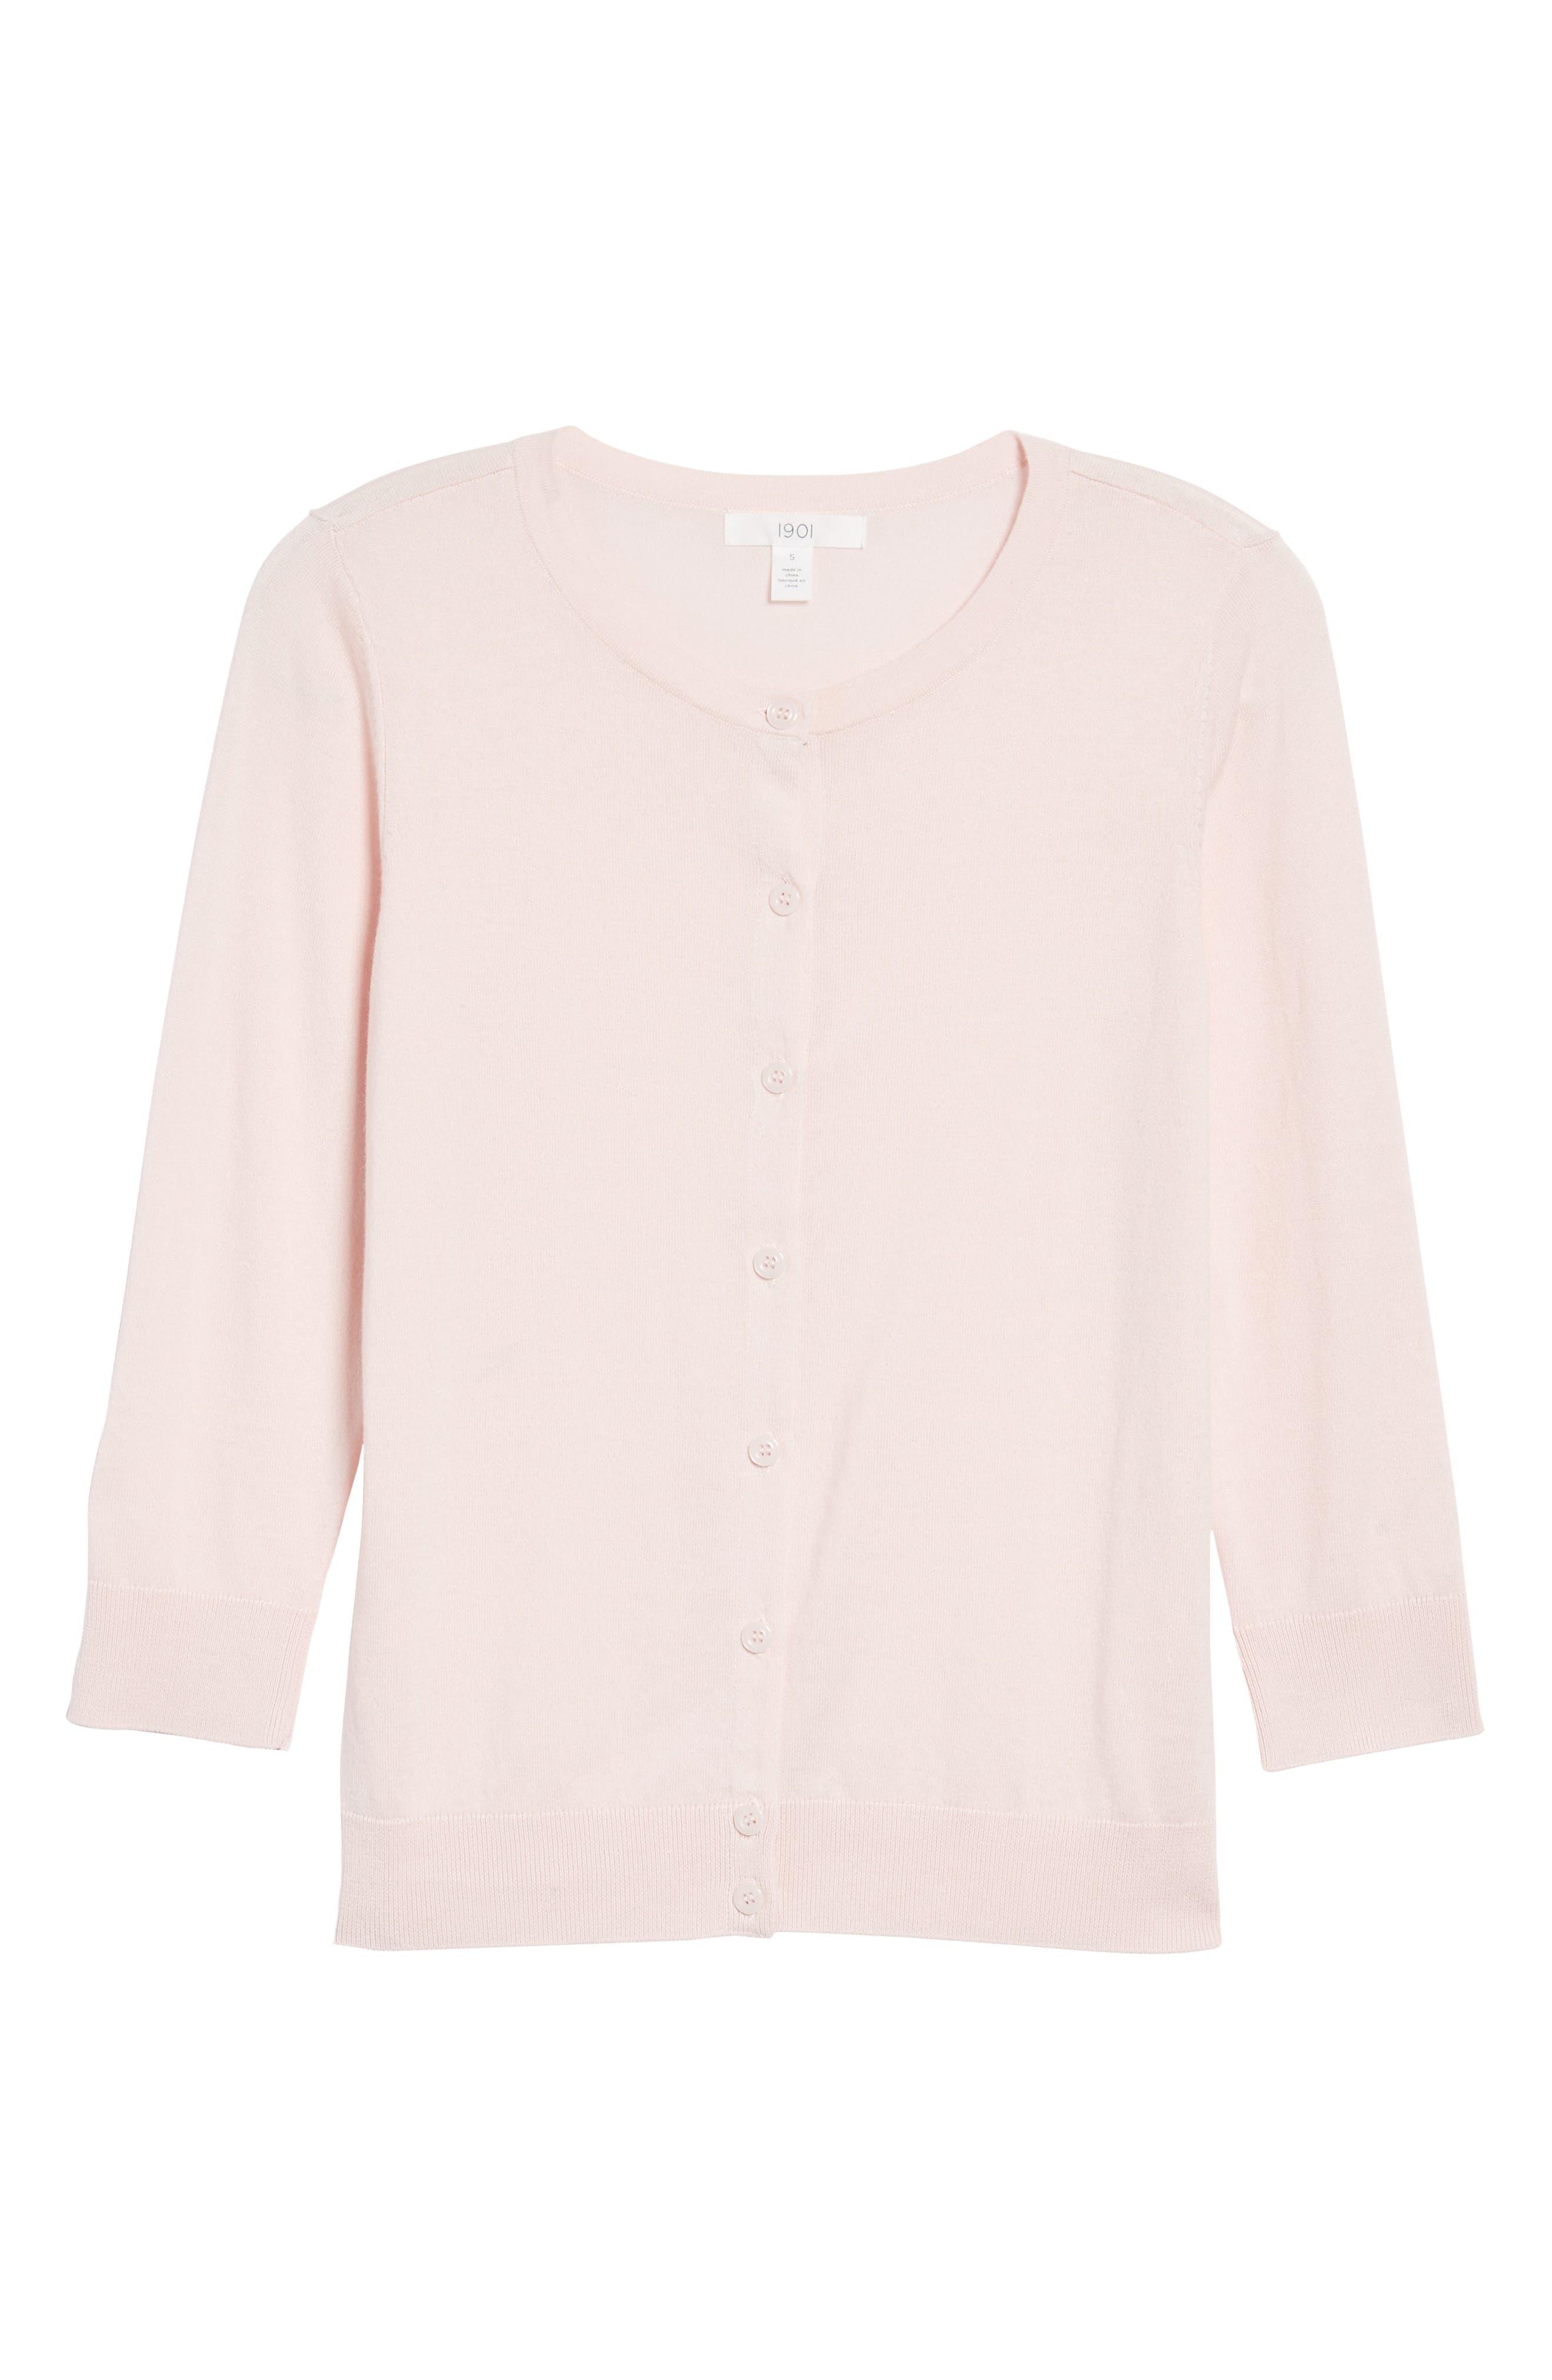 Cotton Blend Cardigan,                             Alternate thumbnail 3, color,                             Pink Potpourri